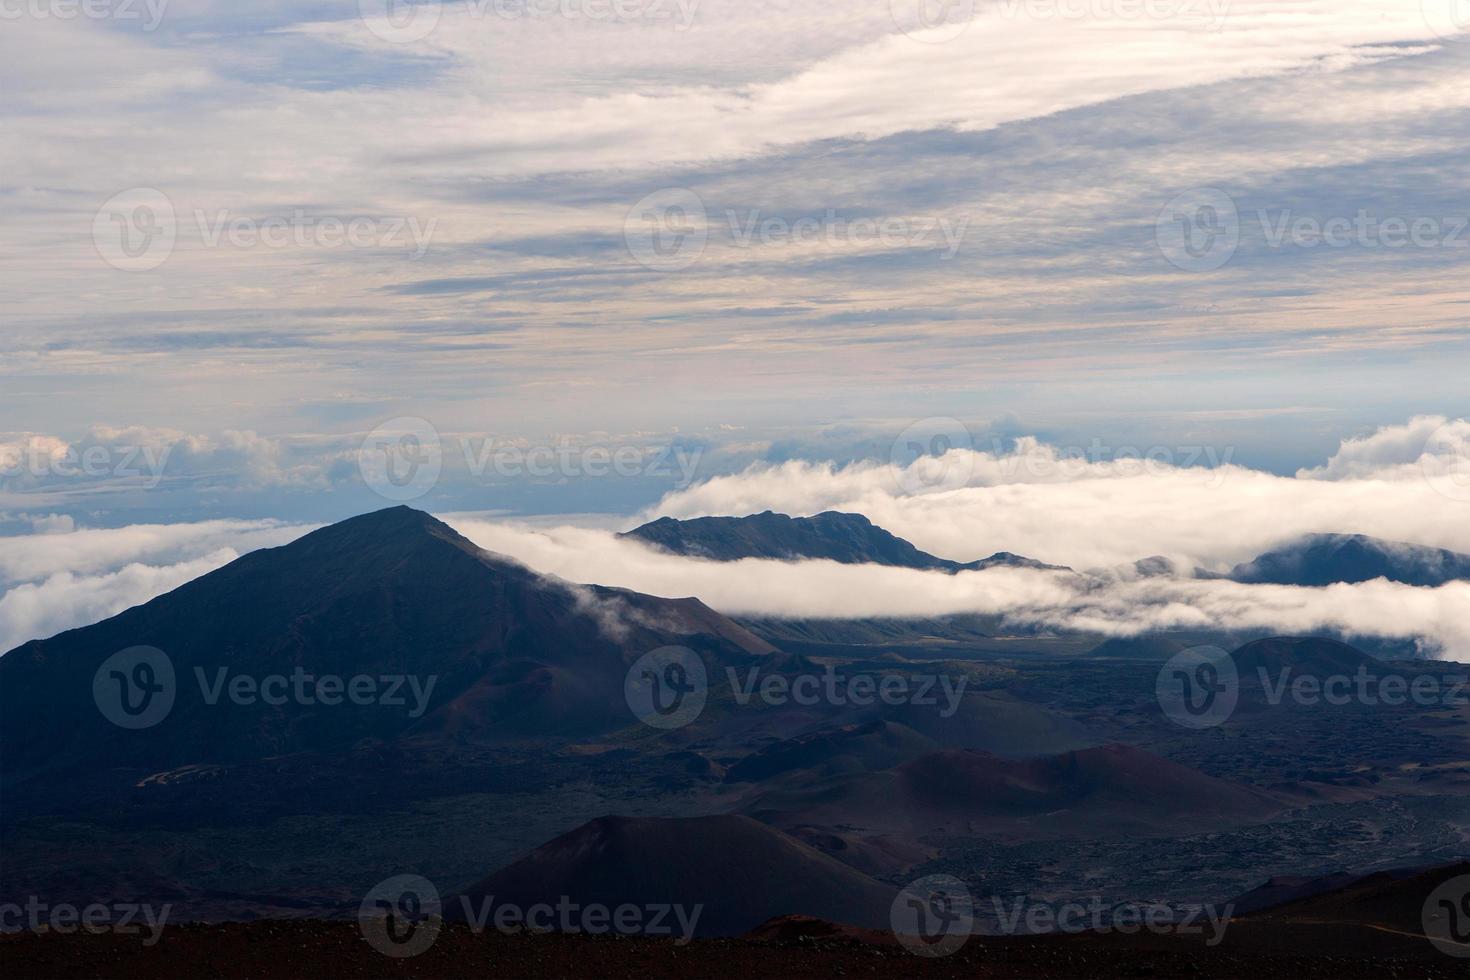 haleakalā krater van boven de wolken foto